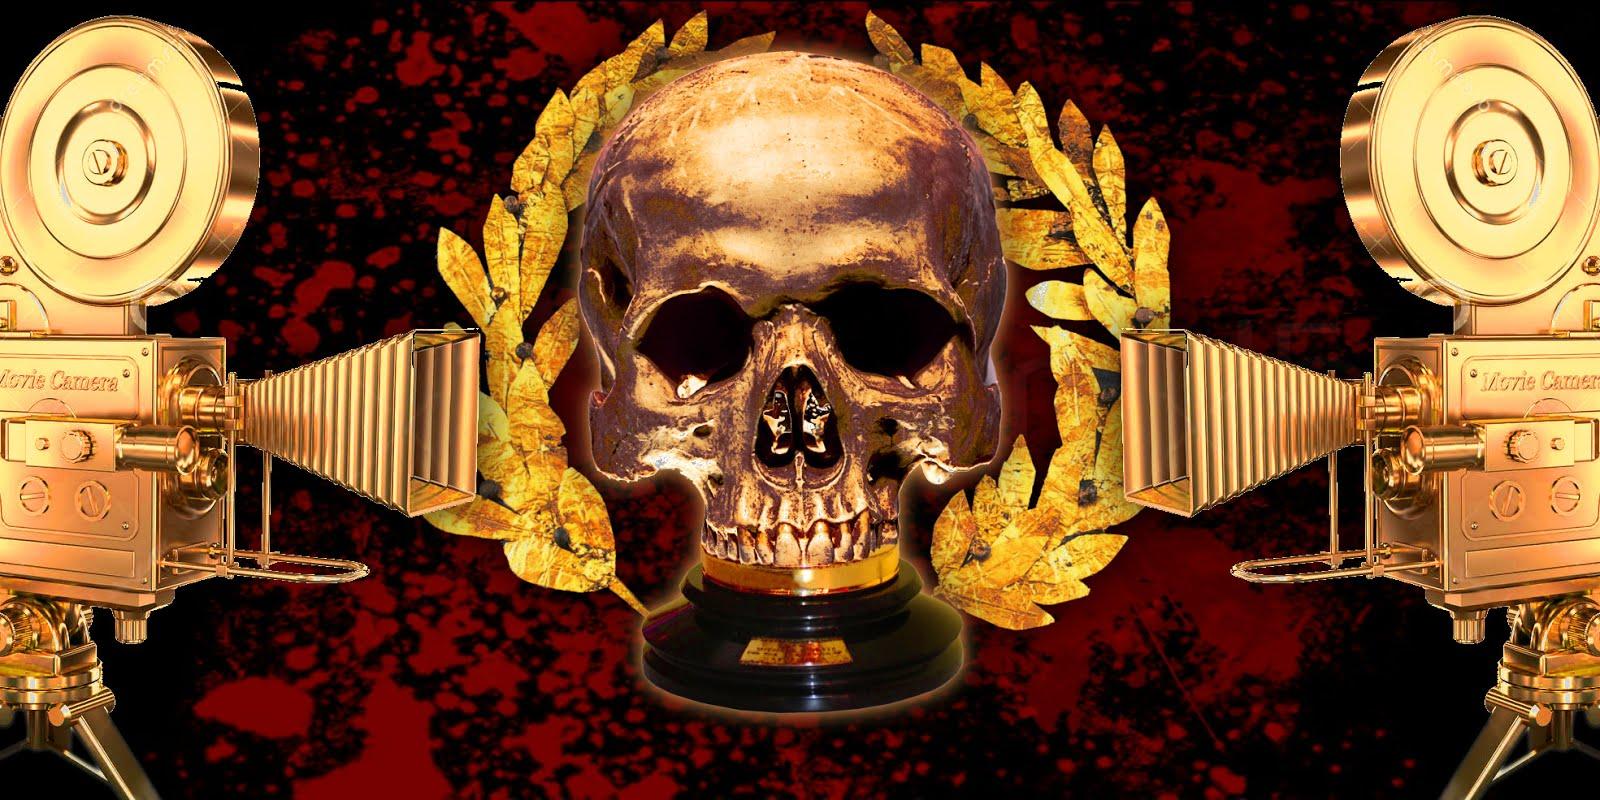 Οι καλύτερες ταινίες τρόμου του 2015